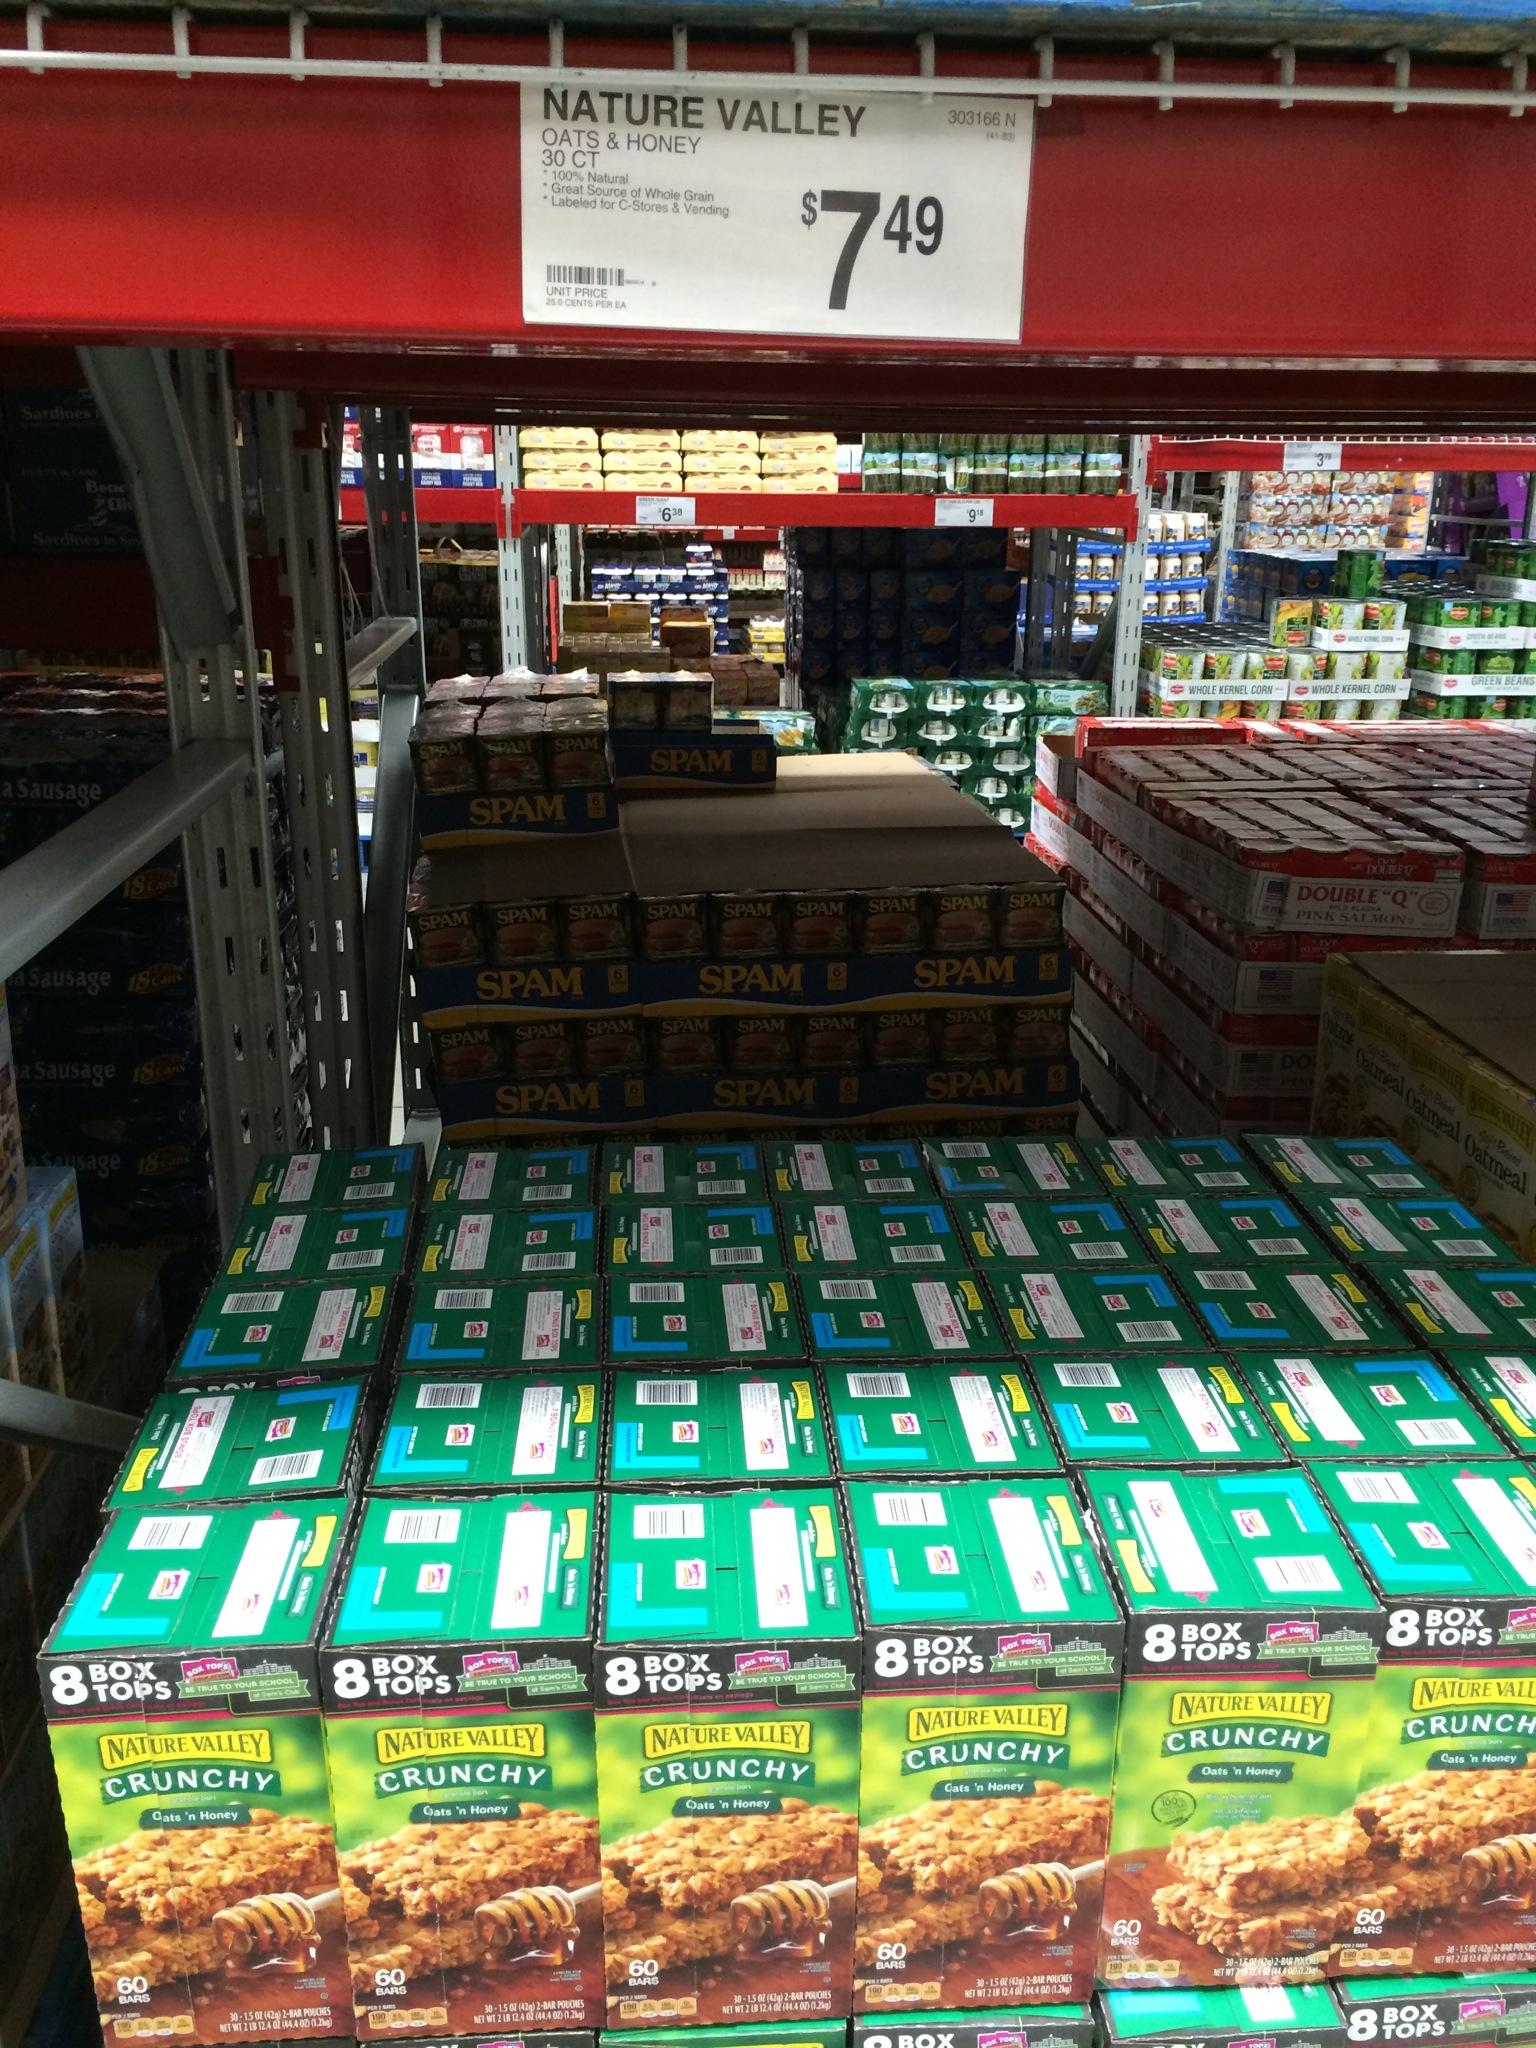 sam s club vs costco prices sam s nature valley granola bars 30 ct 7 49 25 each costco nature valley granola bars 48 ct 12 69 26 each